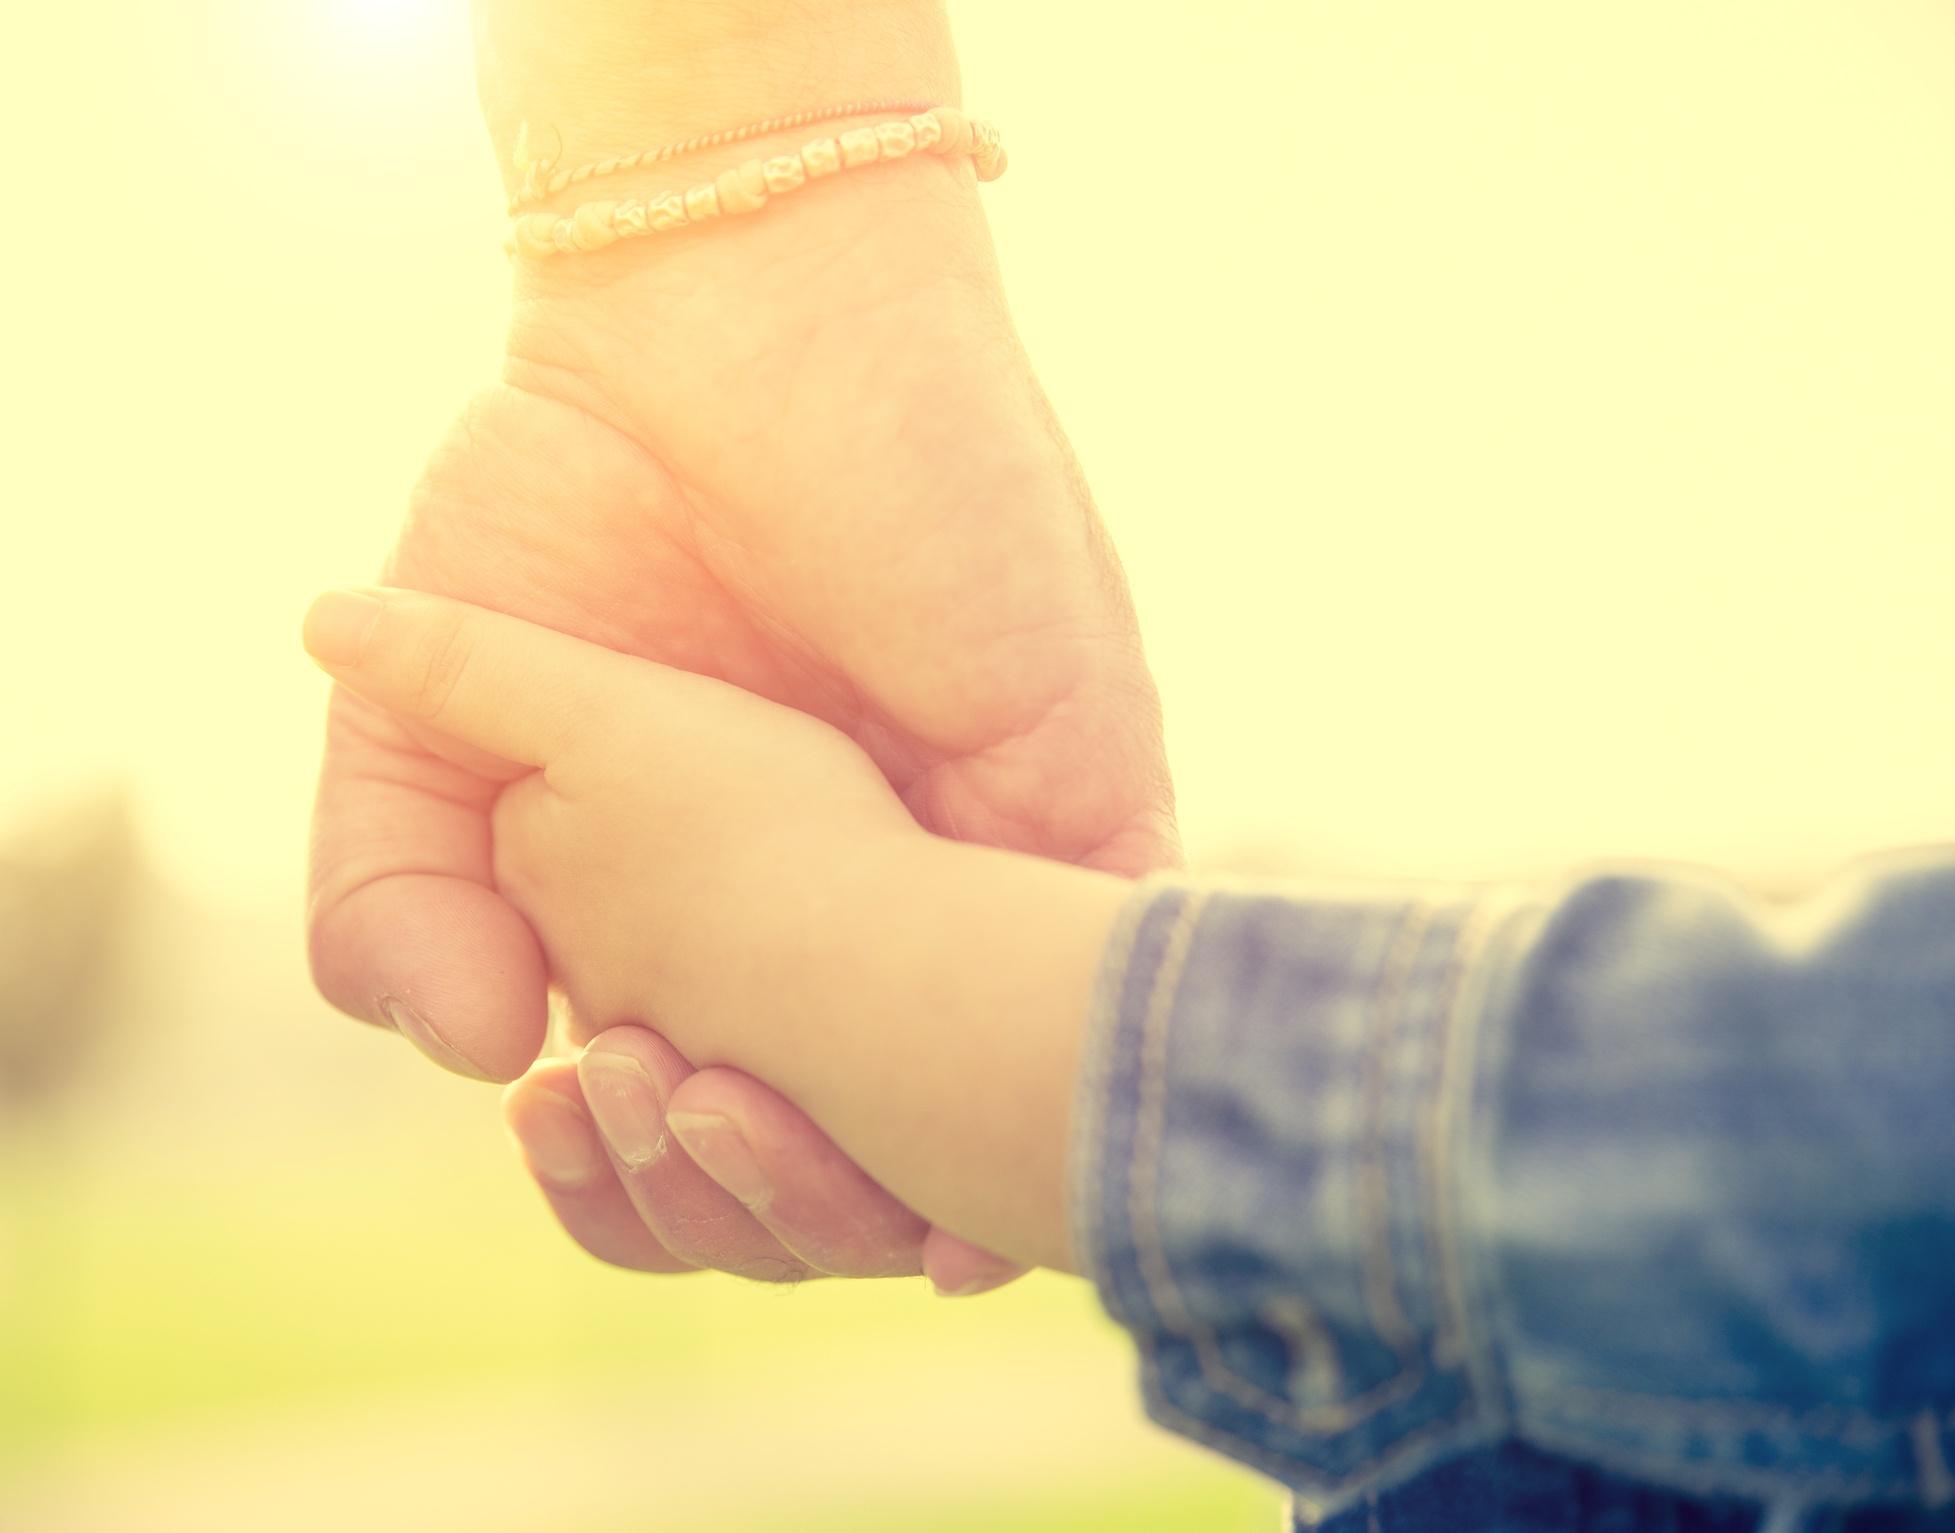 dad-child-holding-hands.jpg